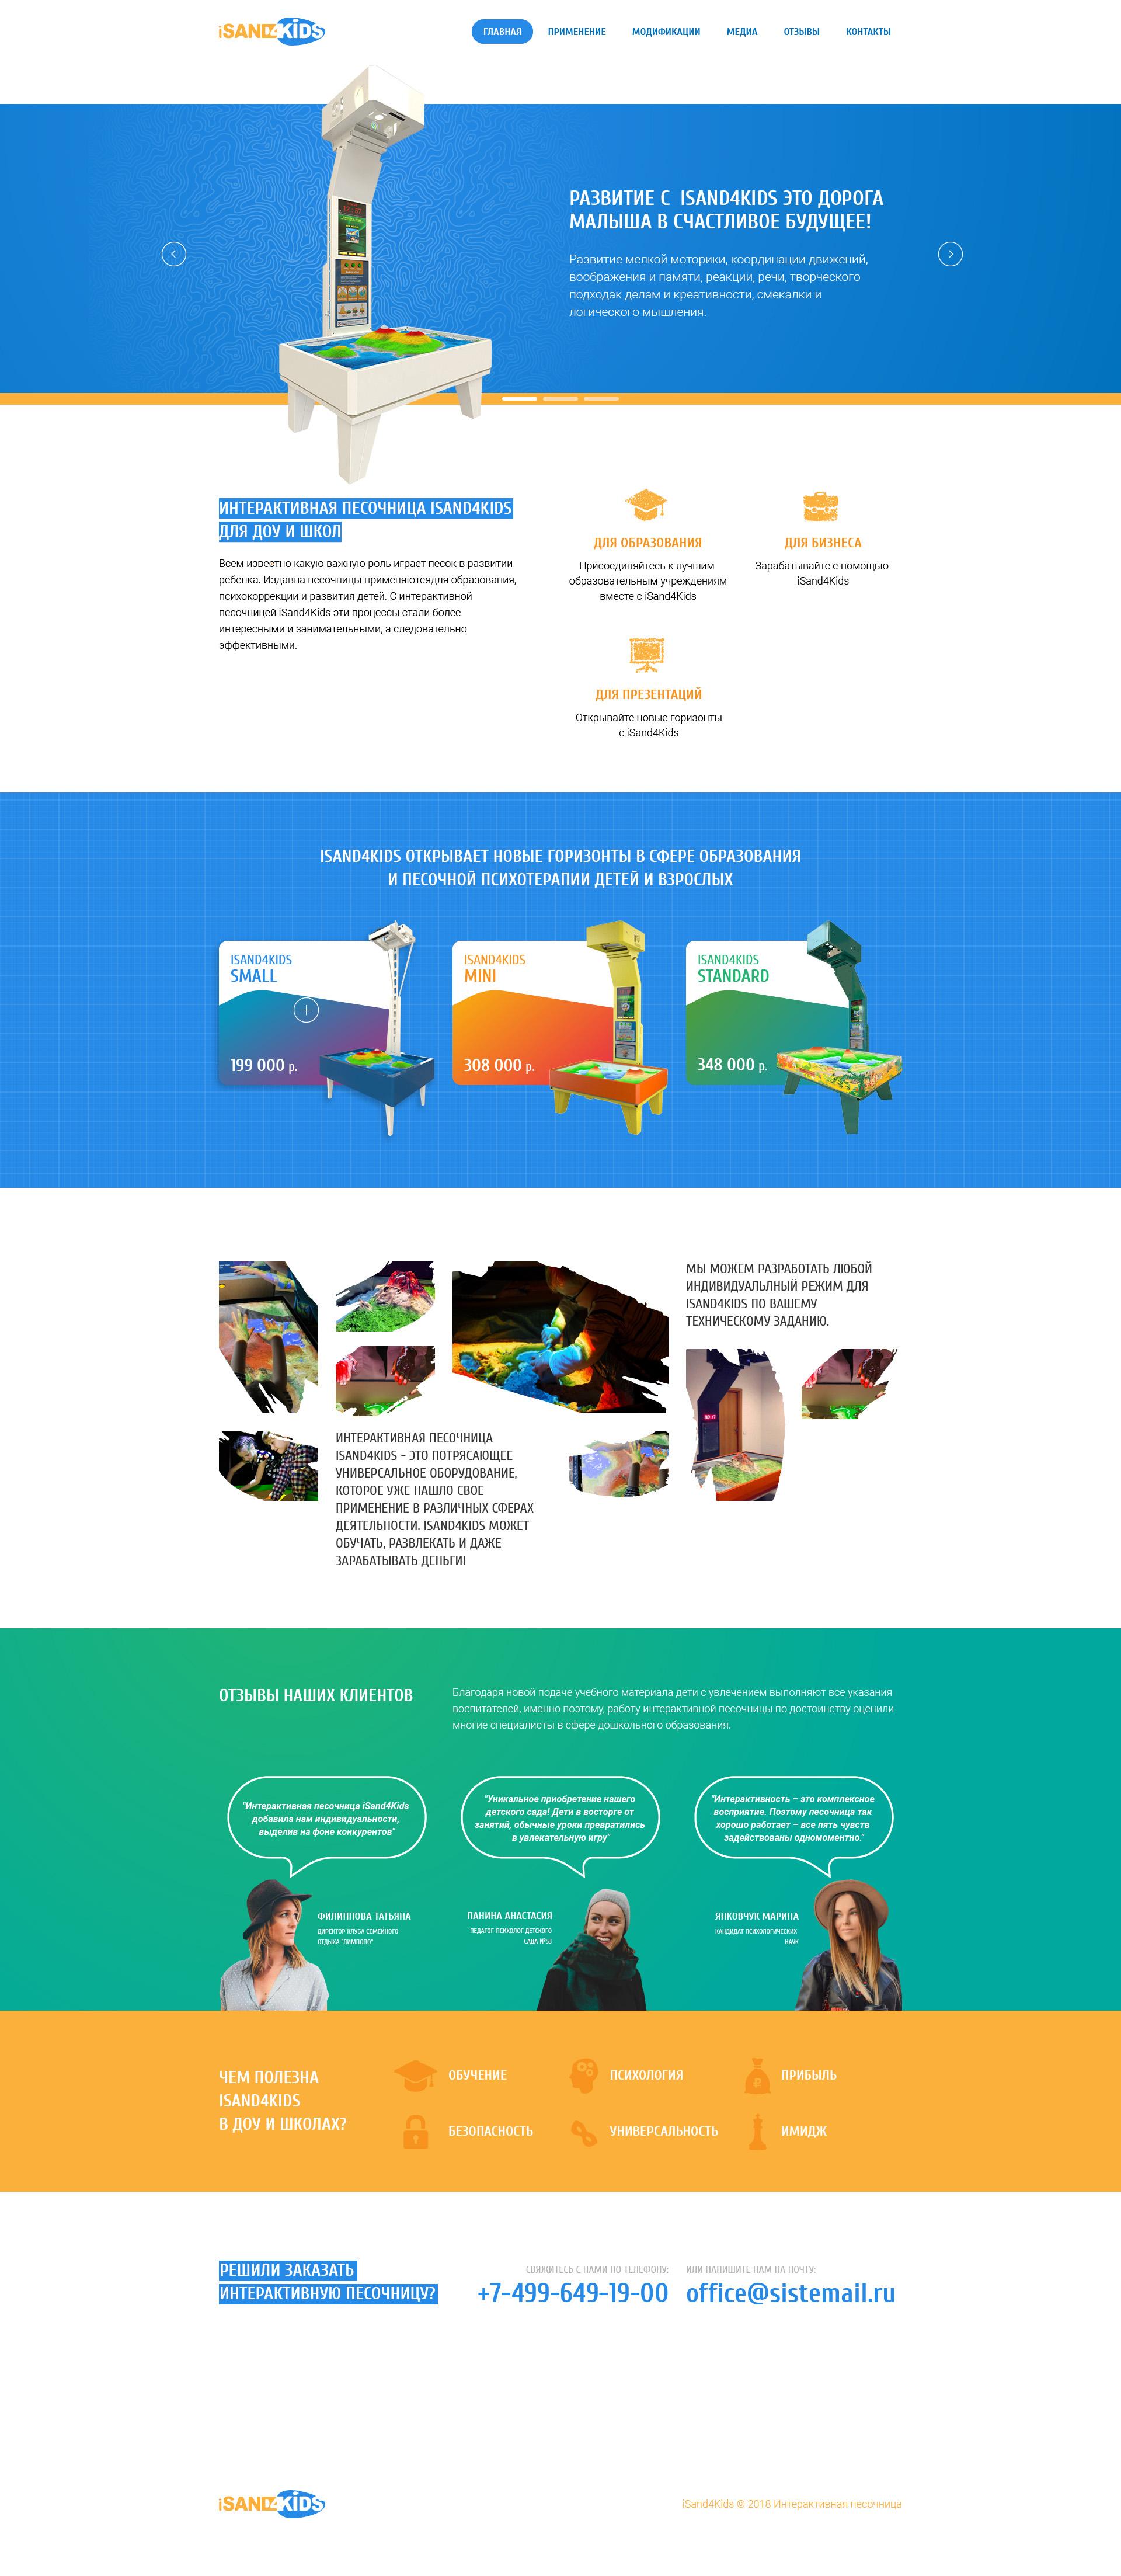 Редизайн сайтов (выбираем исполнителя постоянной основе) фото f_0915a7c9d806f430.jpg